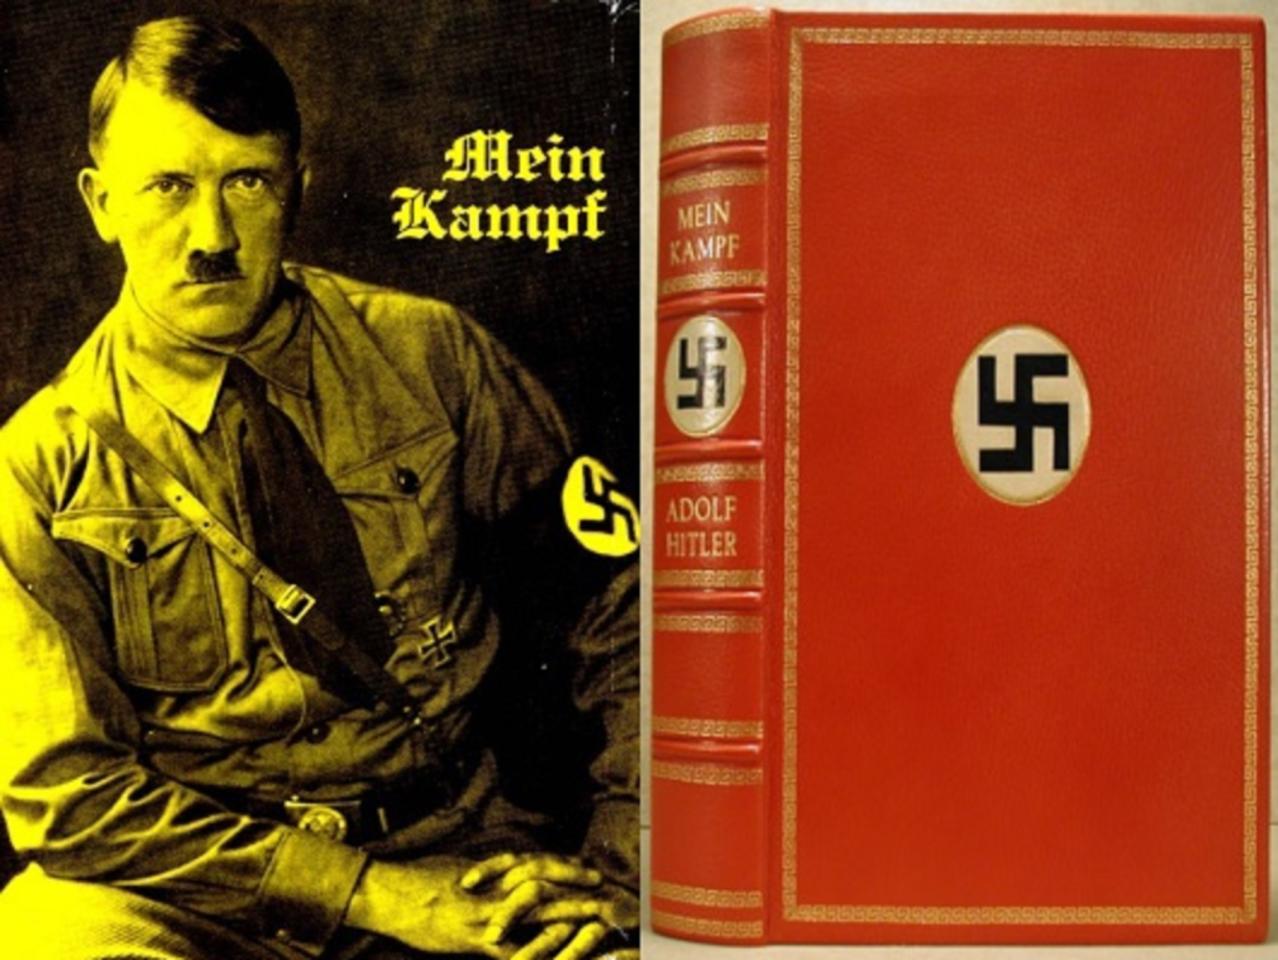 """كتاب """" كفاحي """" لهتلر يتصدر مبيعات الكتب بألمانيا"""